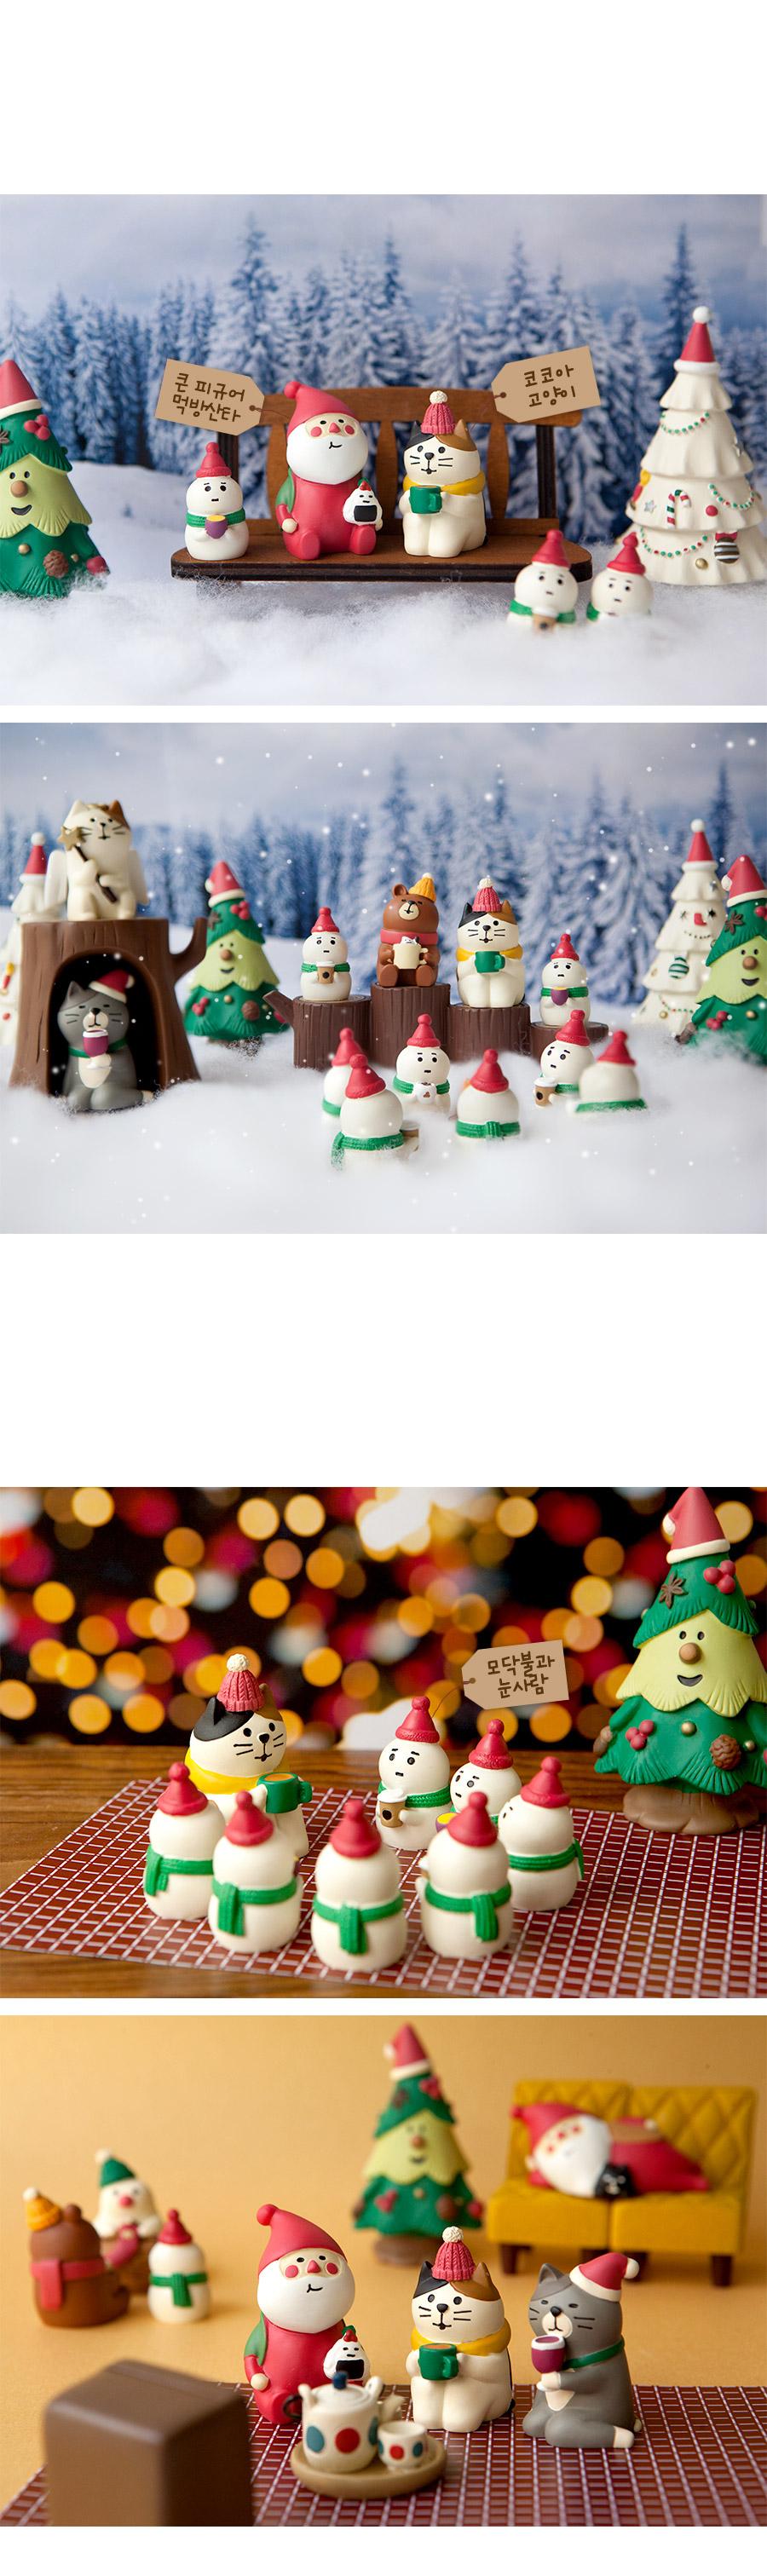 데꼴 2017 크리스마스 트리 피규어 한정판10,920원-탑베이킹키덜트/취미, 피규어, 아시아 피규어, 데꼴바보사랑데꼴 2017 크리스마스 트리 피규어 한정판10,920원-탑베이킹키덜트/취미, 피규어, 아시아 피규어, 데꼴바보사랑